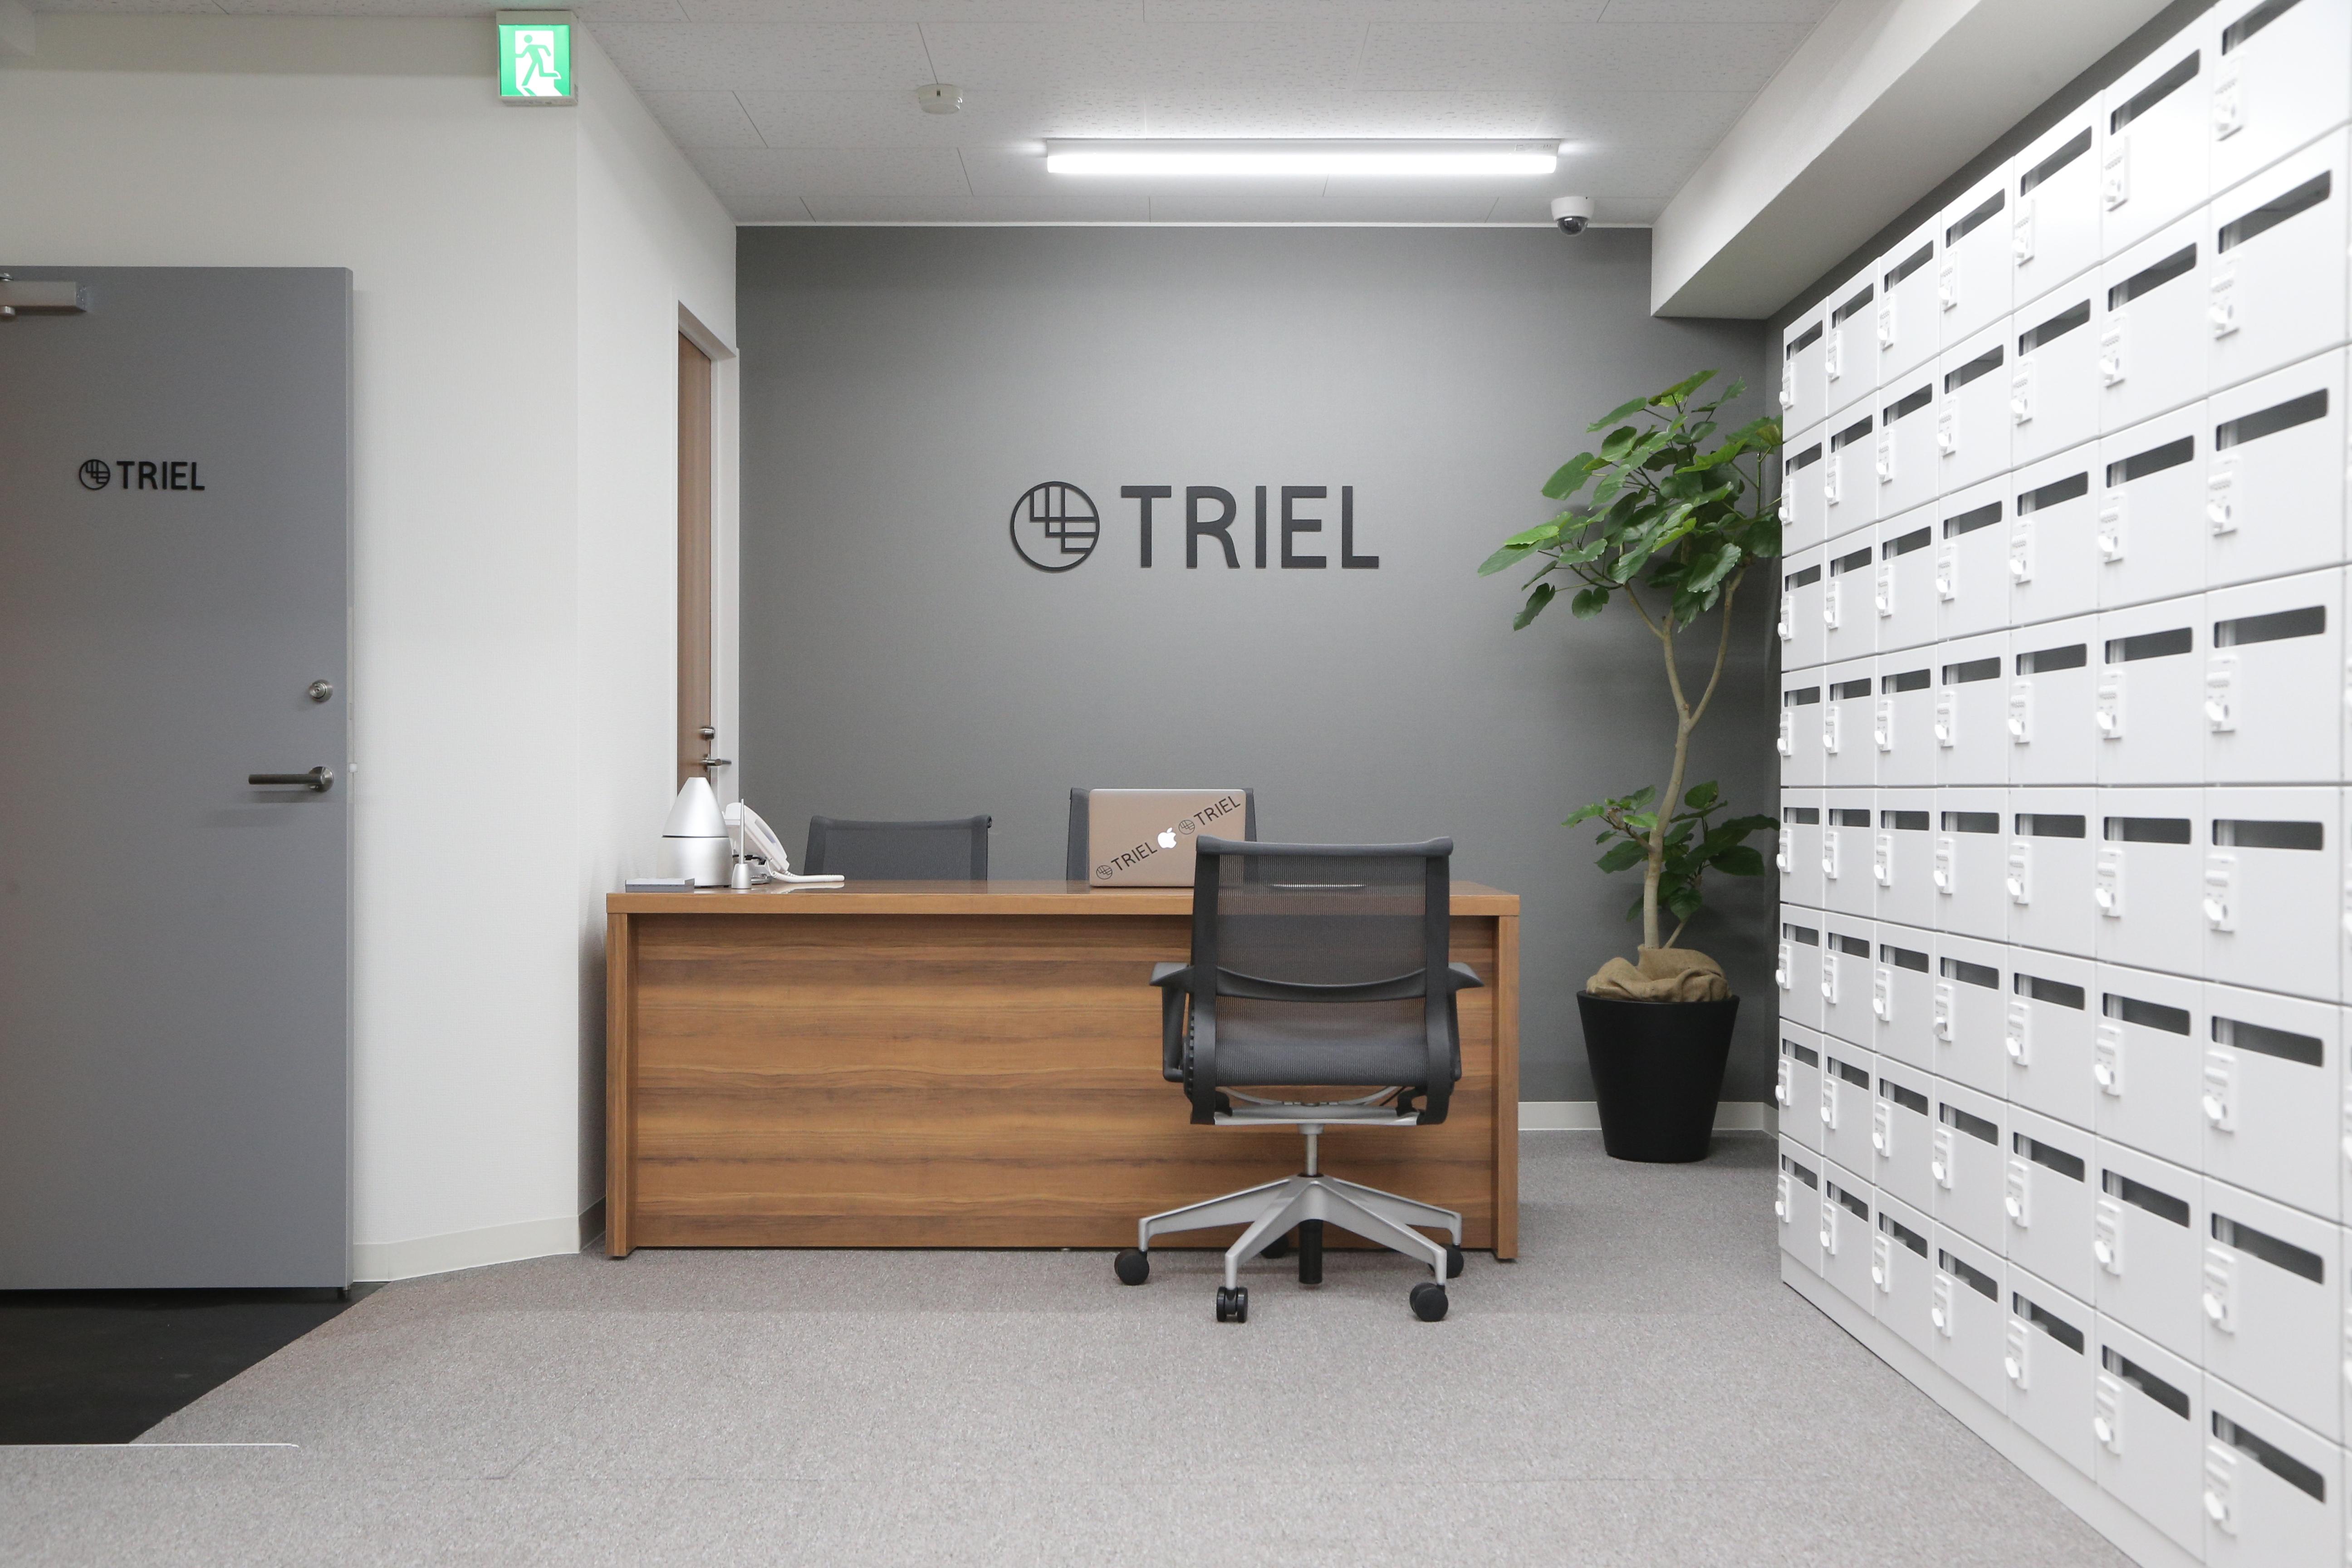 Triel東京  12名会議室の入口の写真